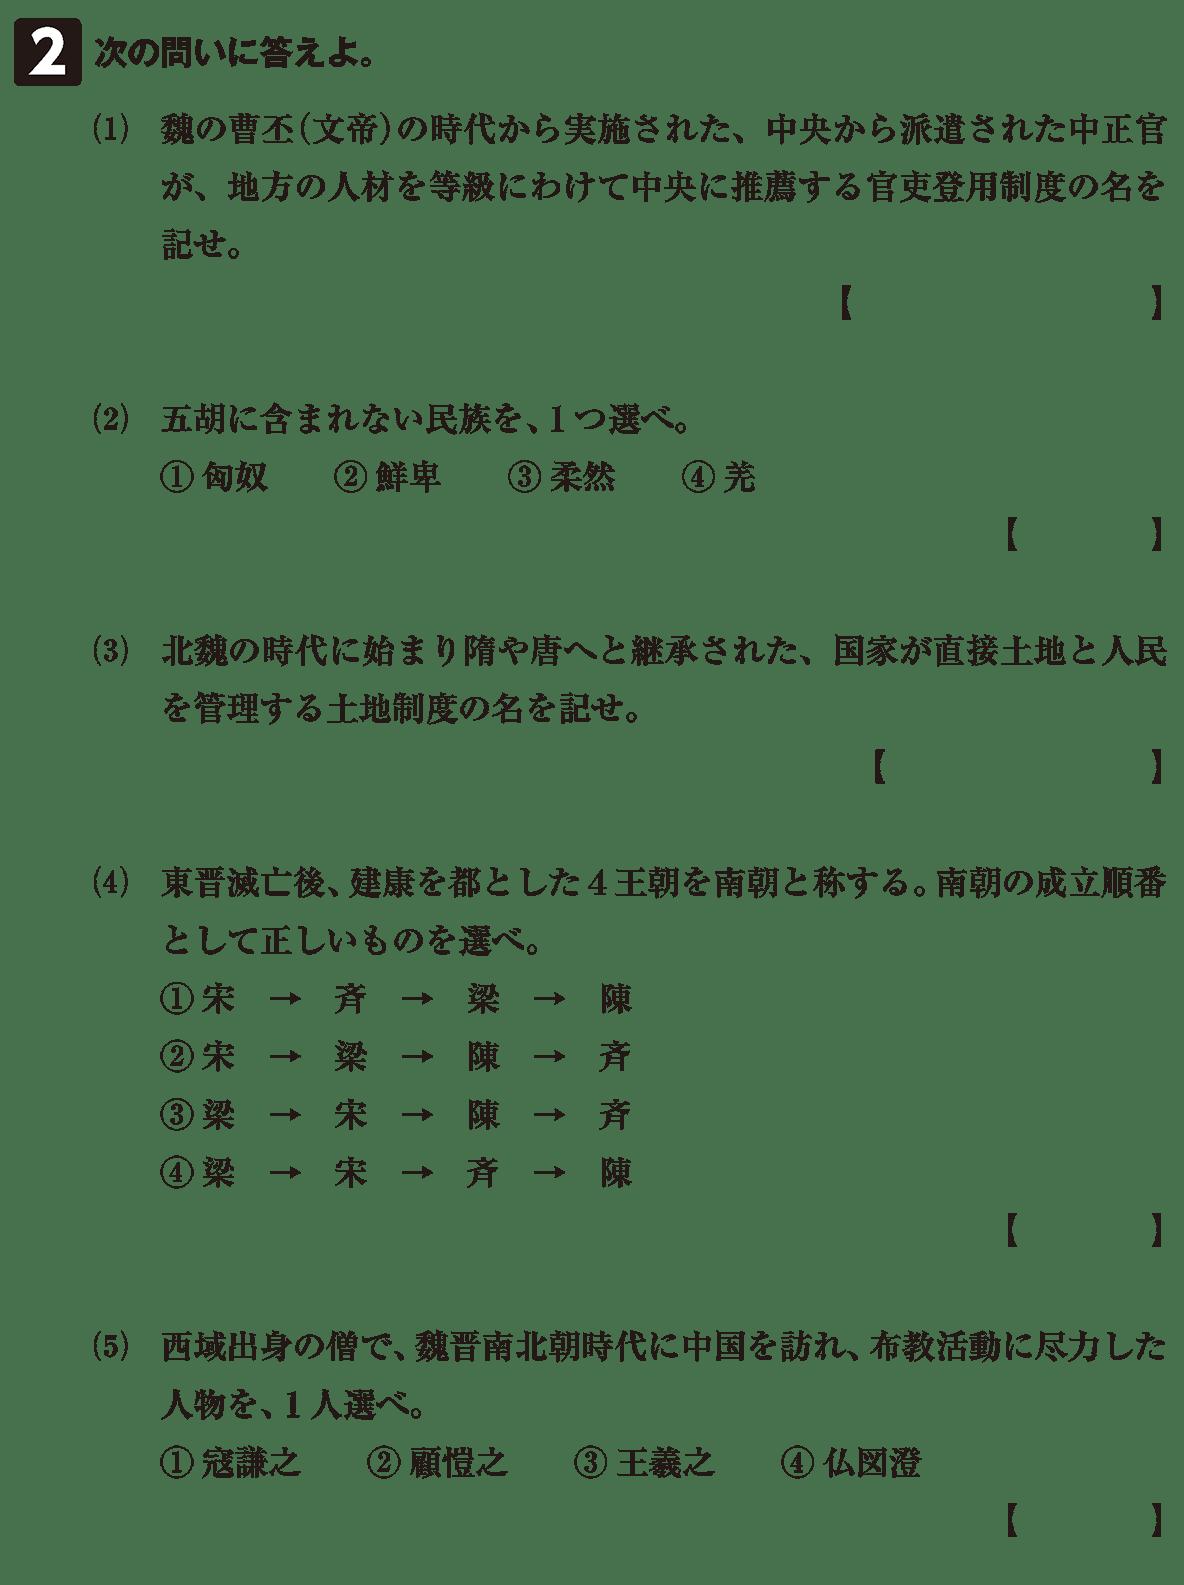 高校世界史 中国の分裂・混乱期5 確認テスト(後半)2